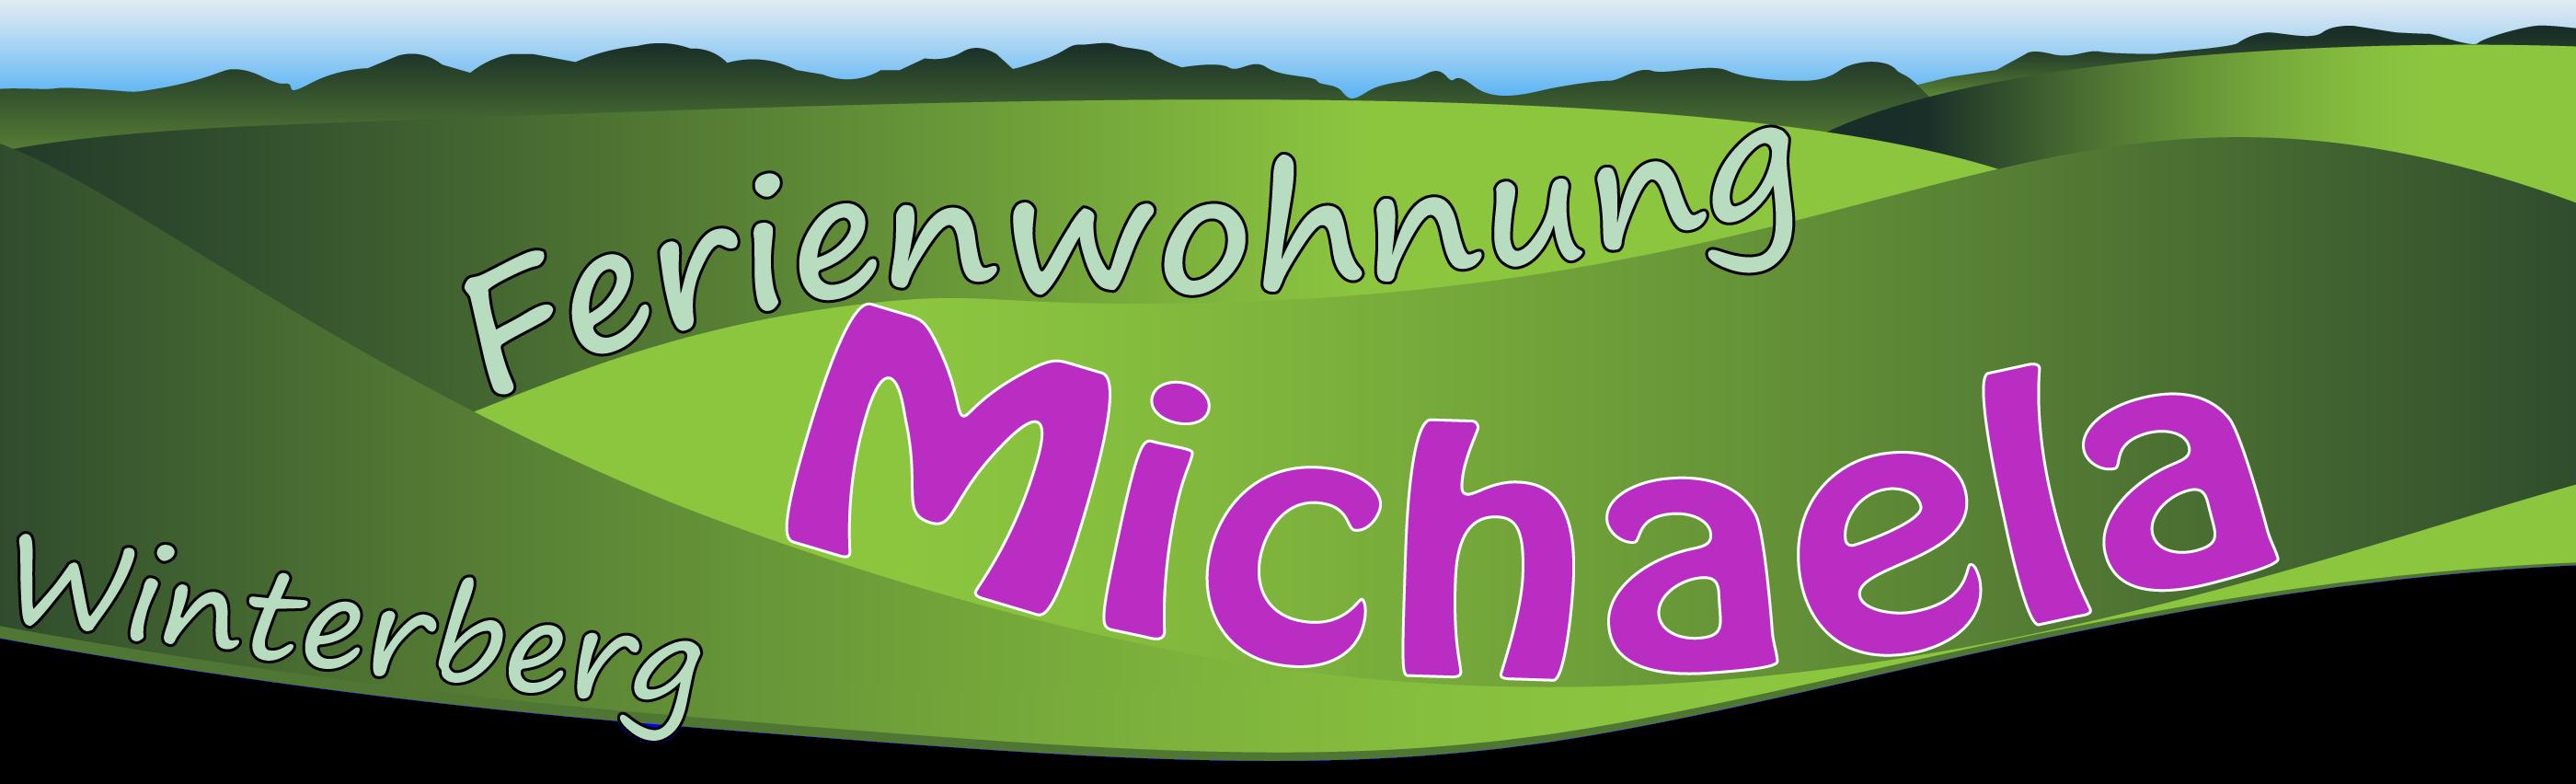 Ferienwohnung Michaela